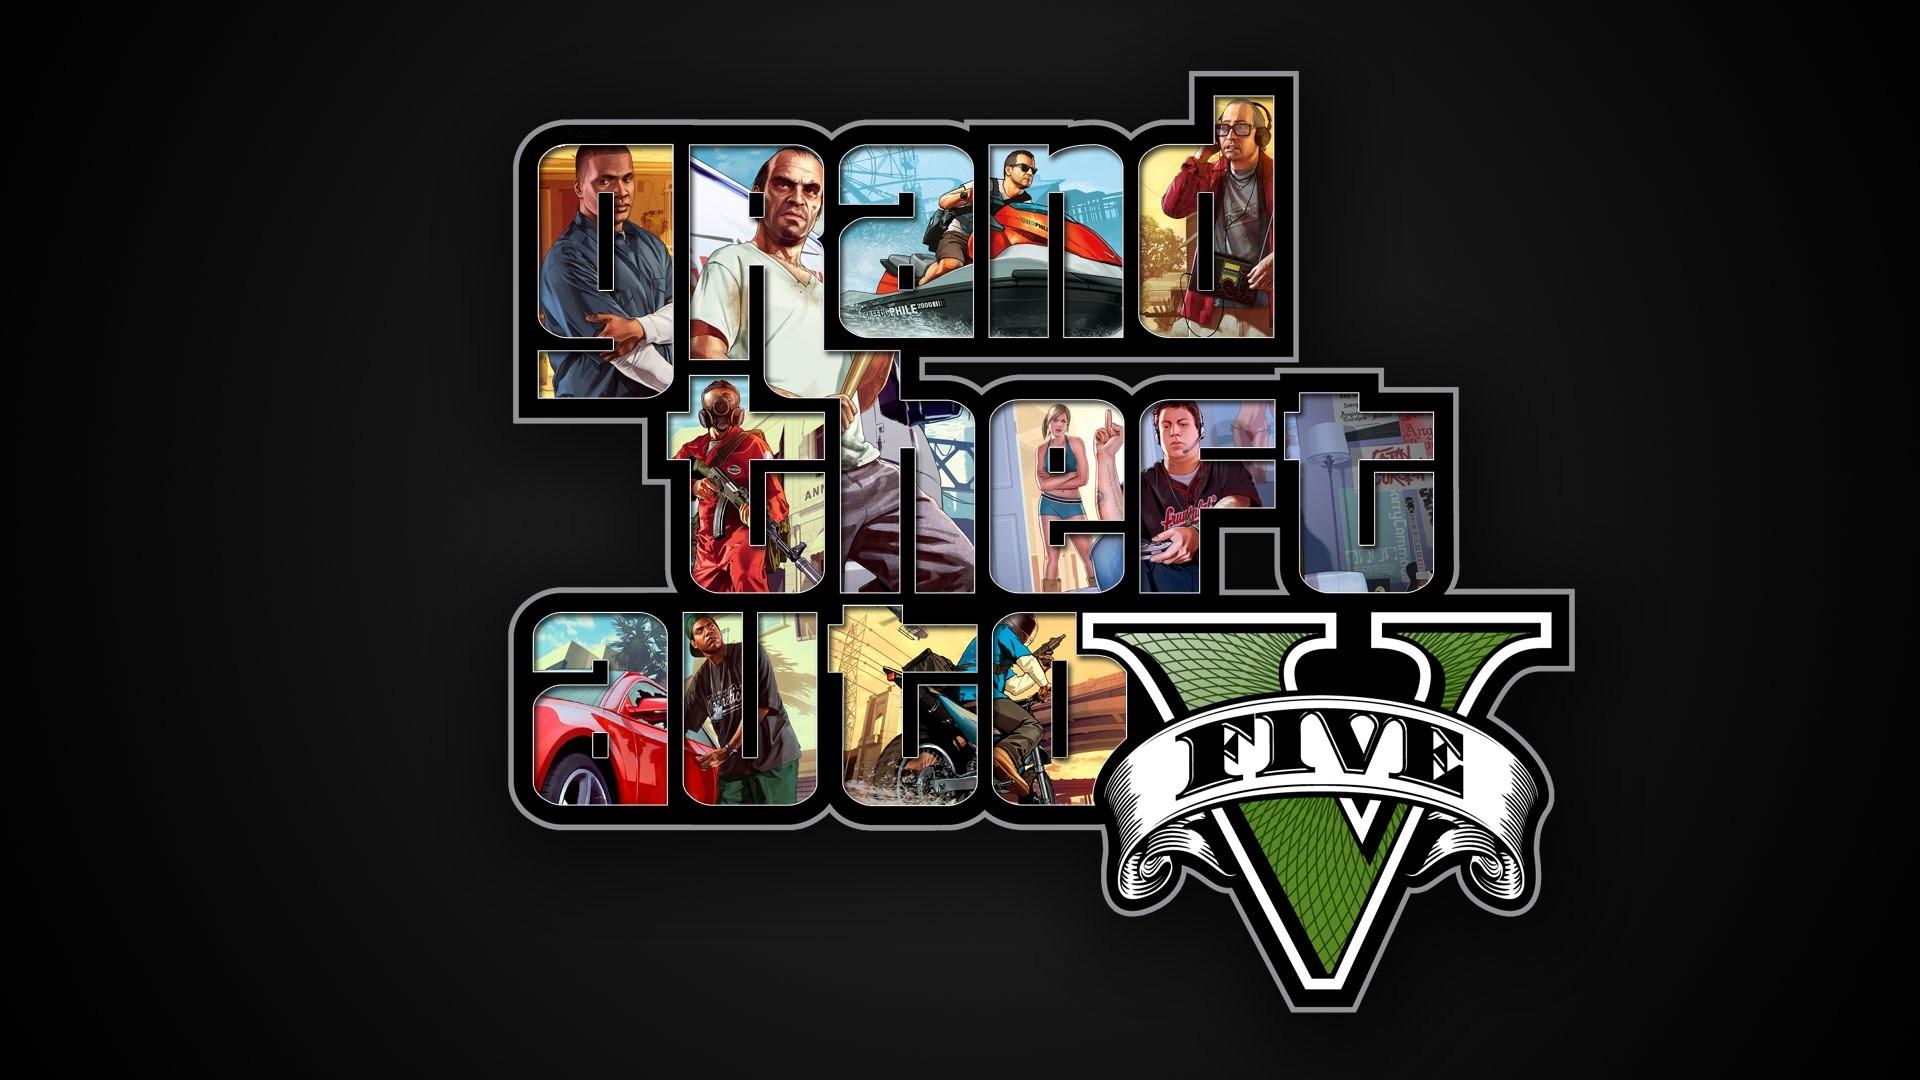 Gta V Wallpaper 1080p Hd 79 Images